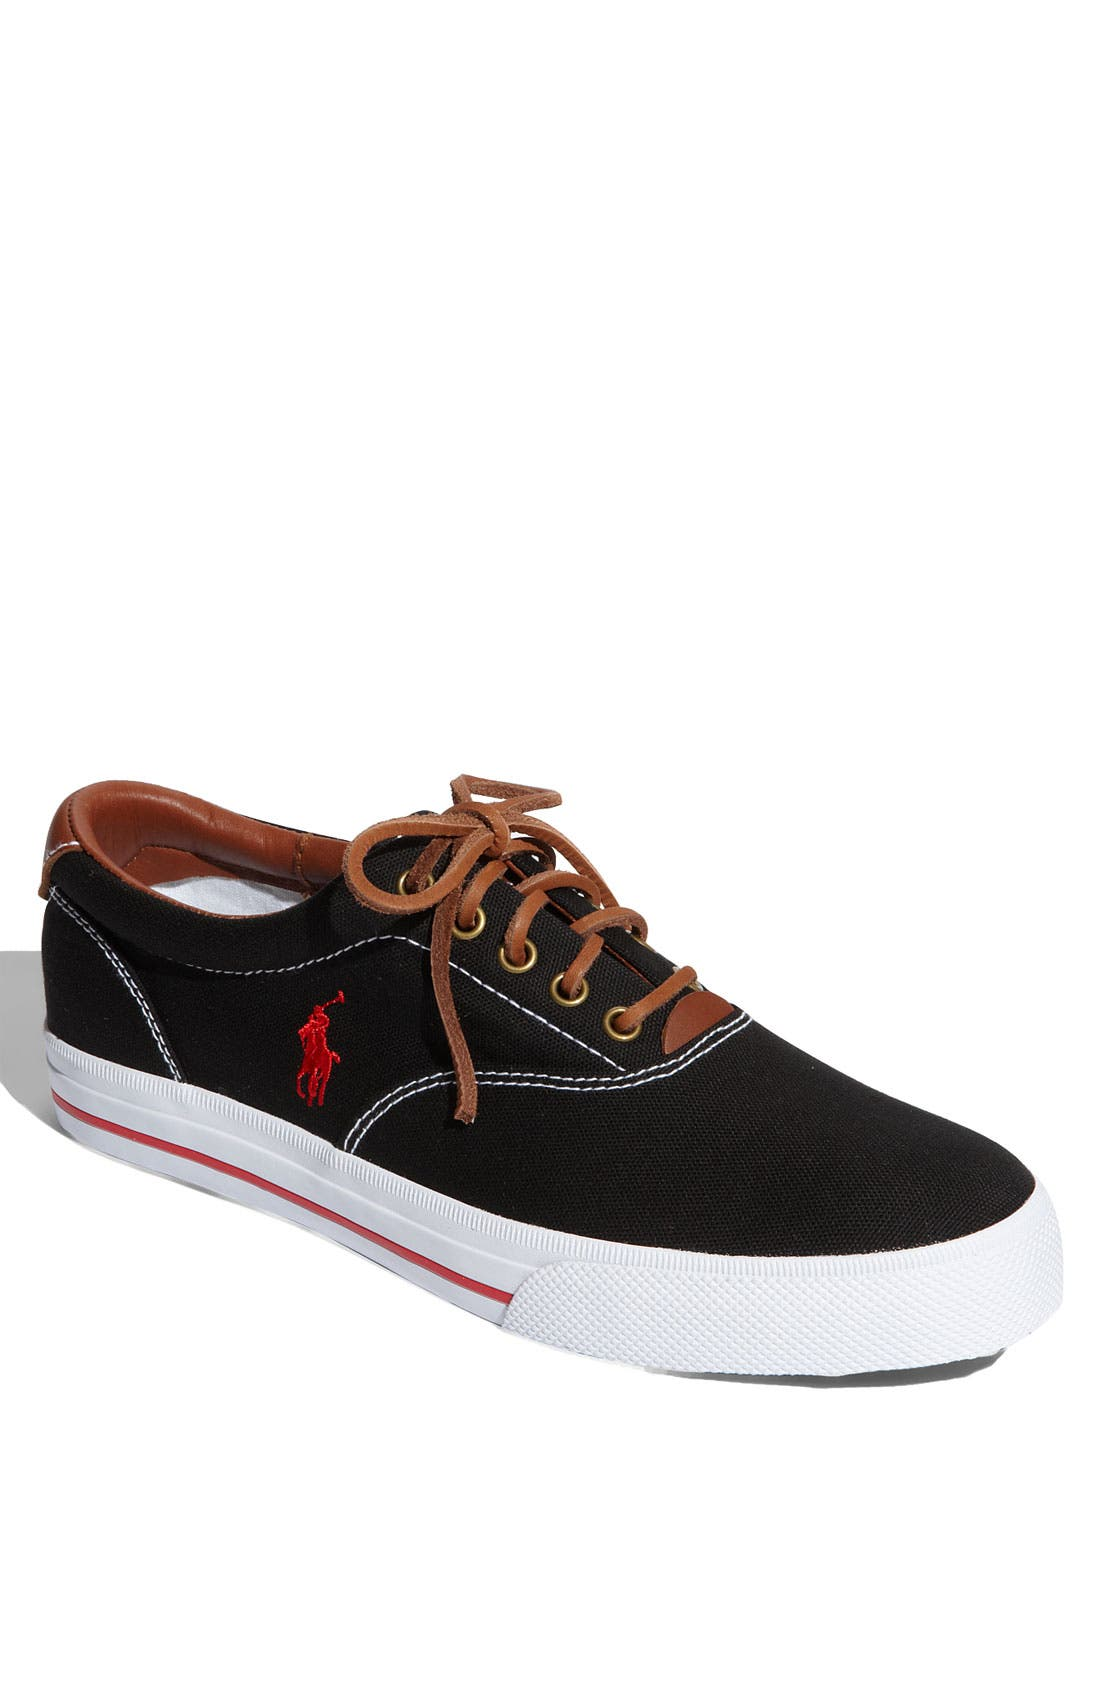 ralph lauren vaughn sneakers